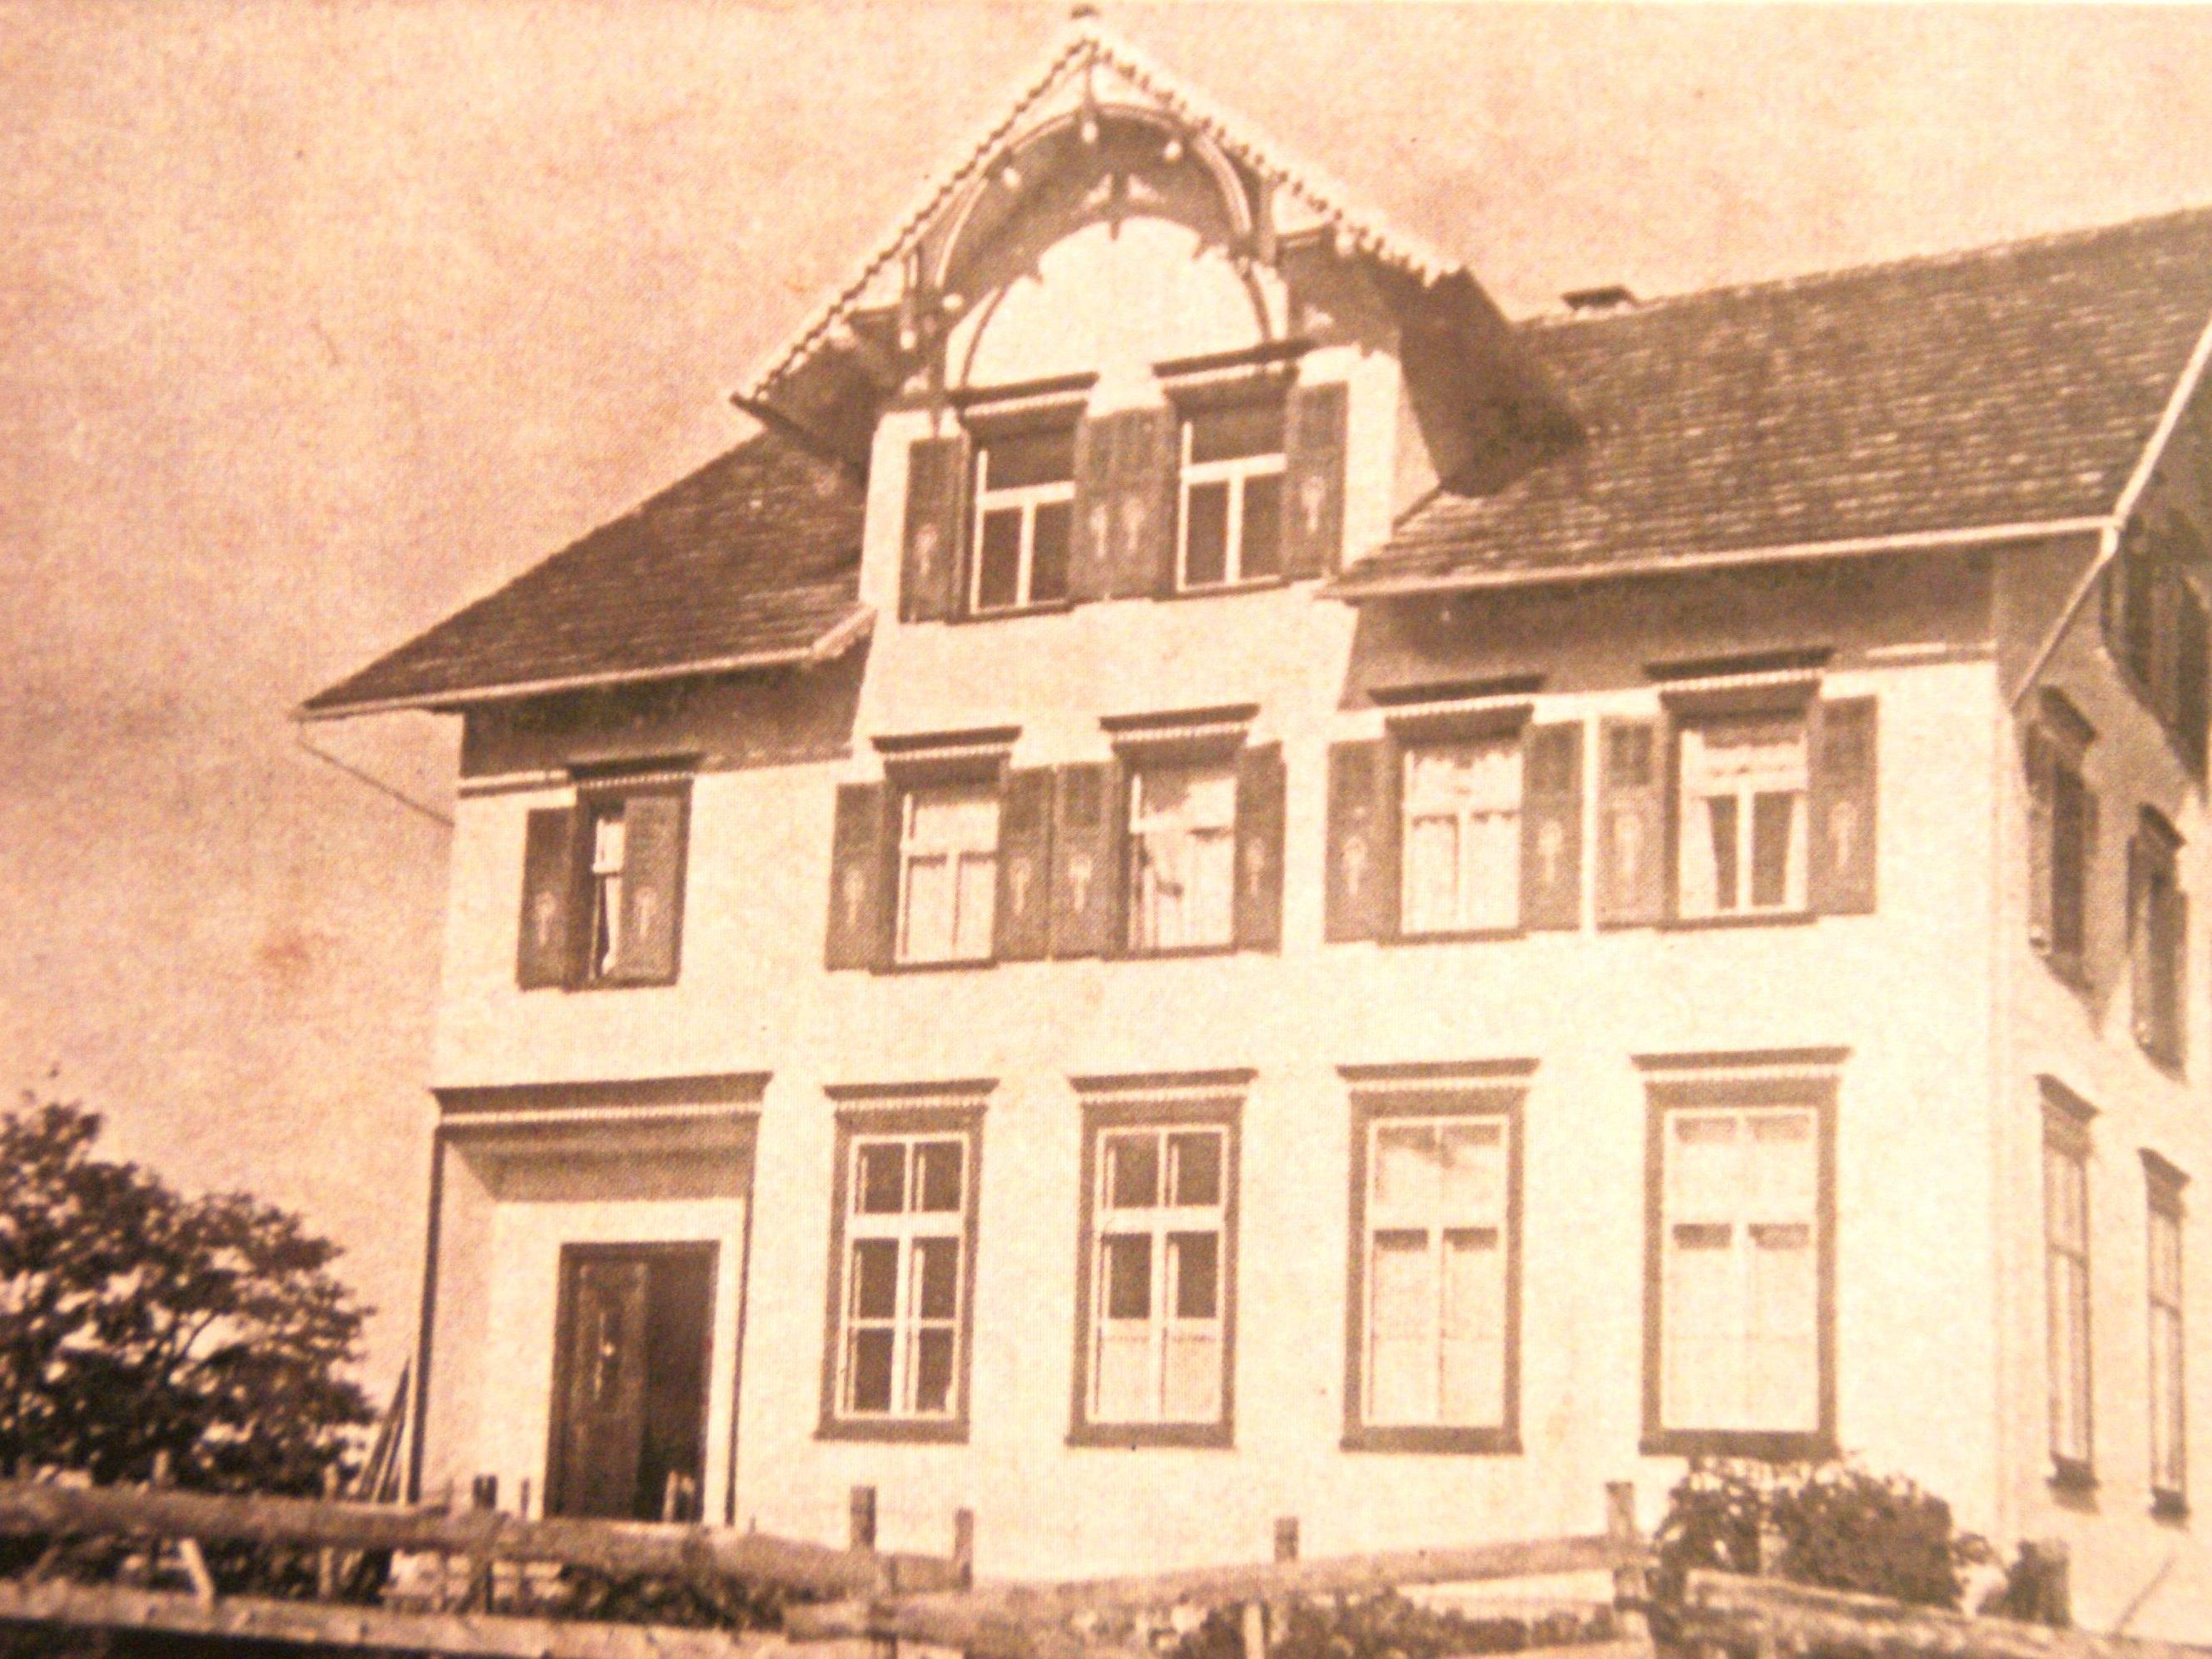 Bucher Schulhaus im Jahre 1935 (Archivbild – Chronik 100 Jahre Schulhaus, Ewald Hopfner)